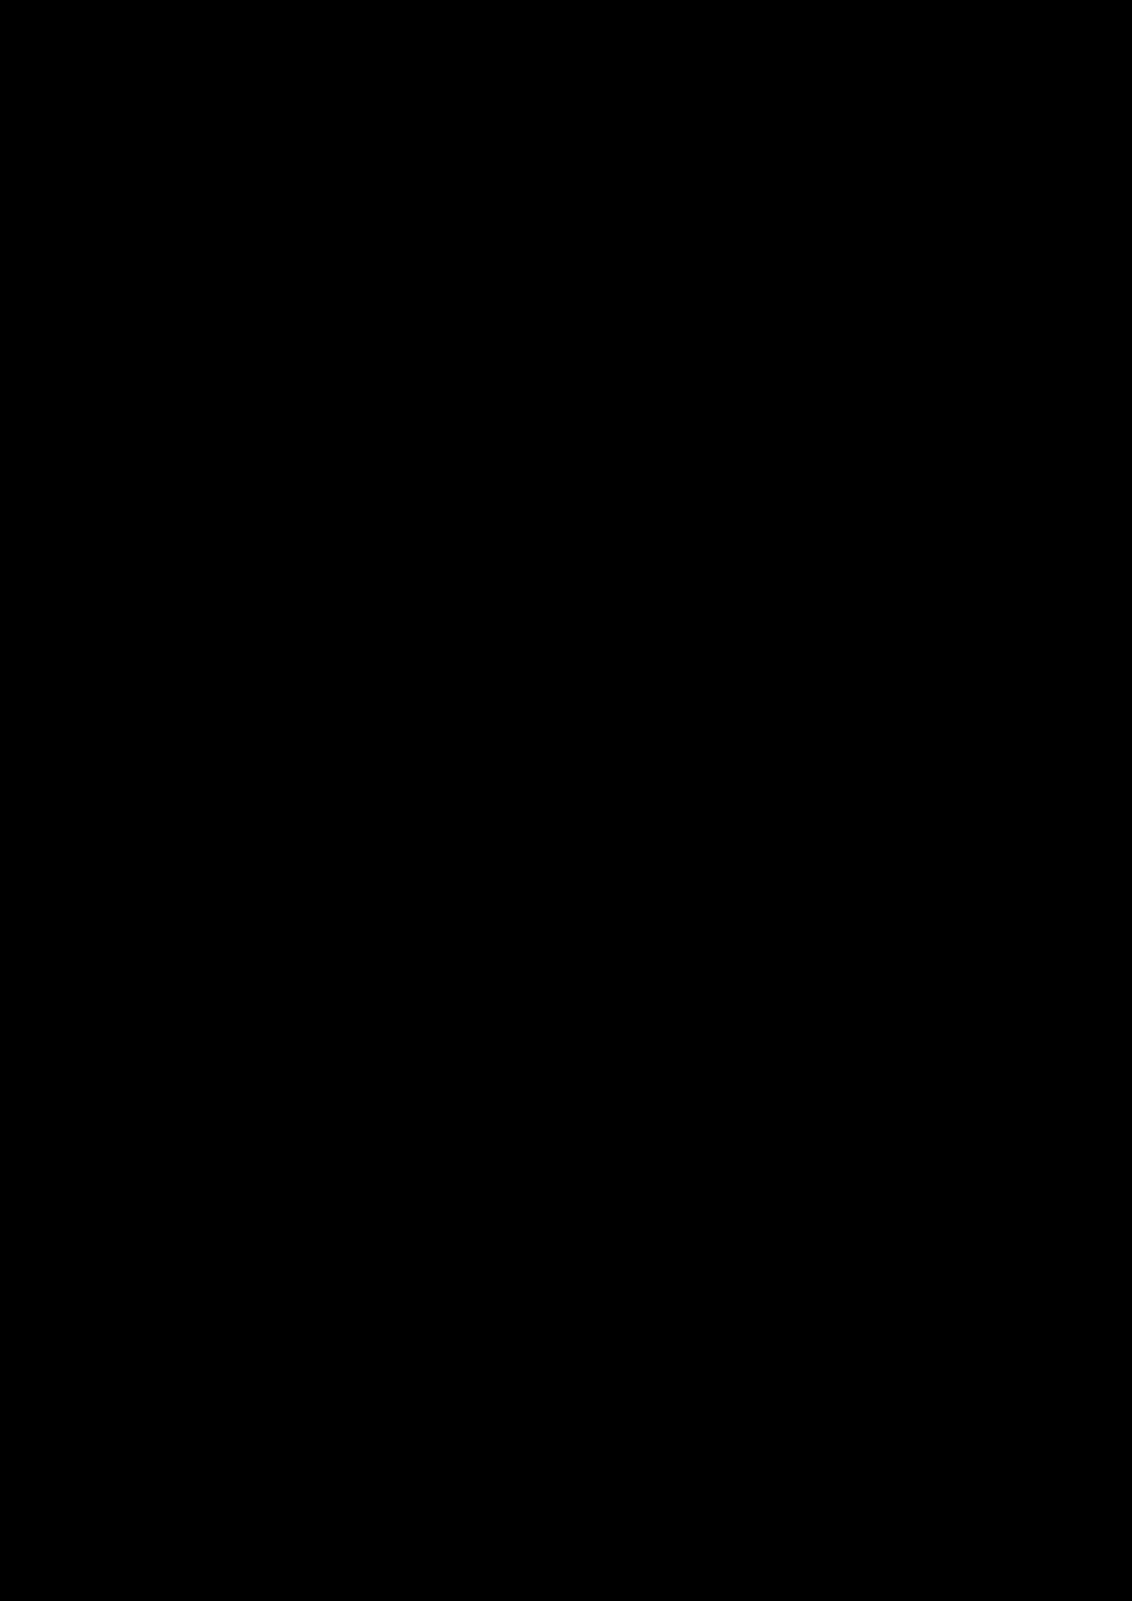 Hools slide, Image 14